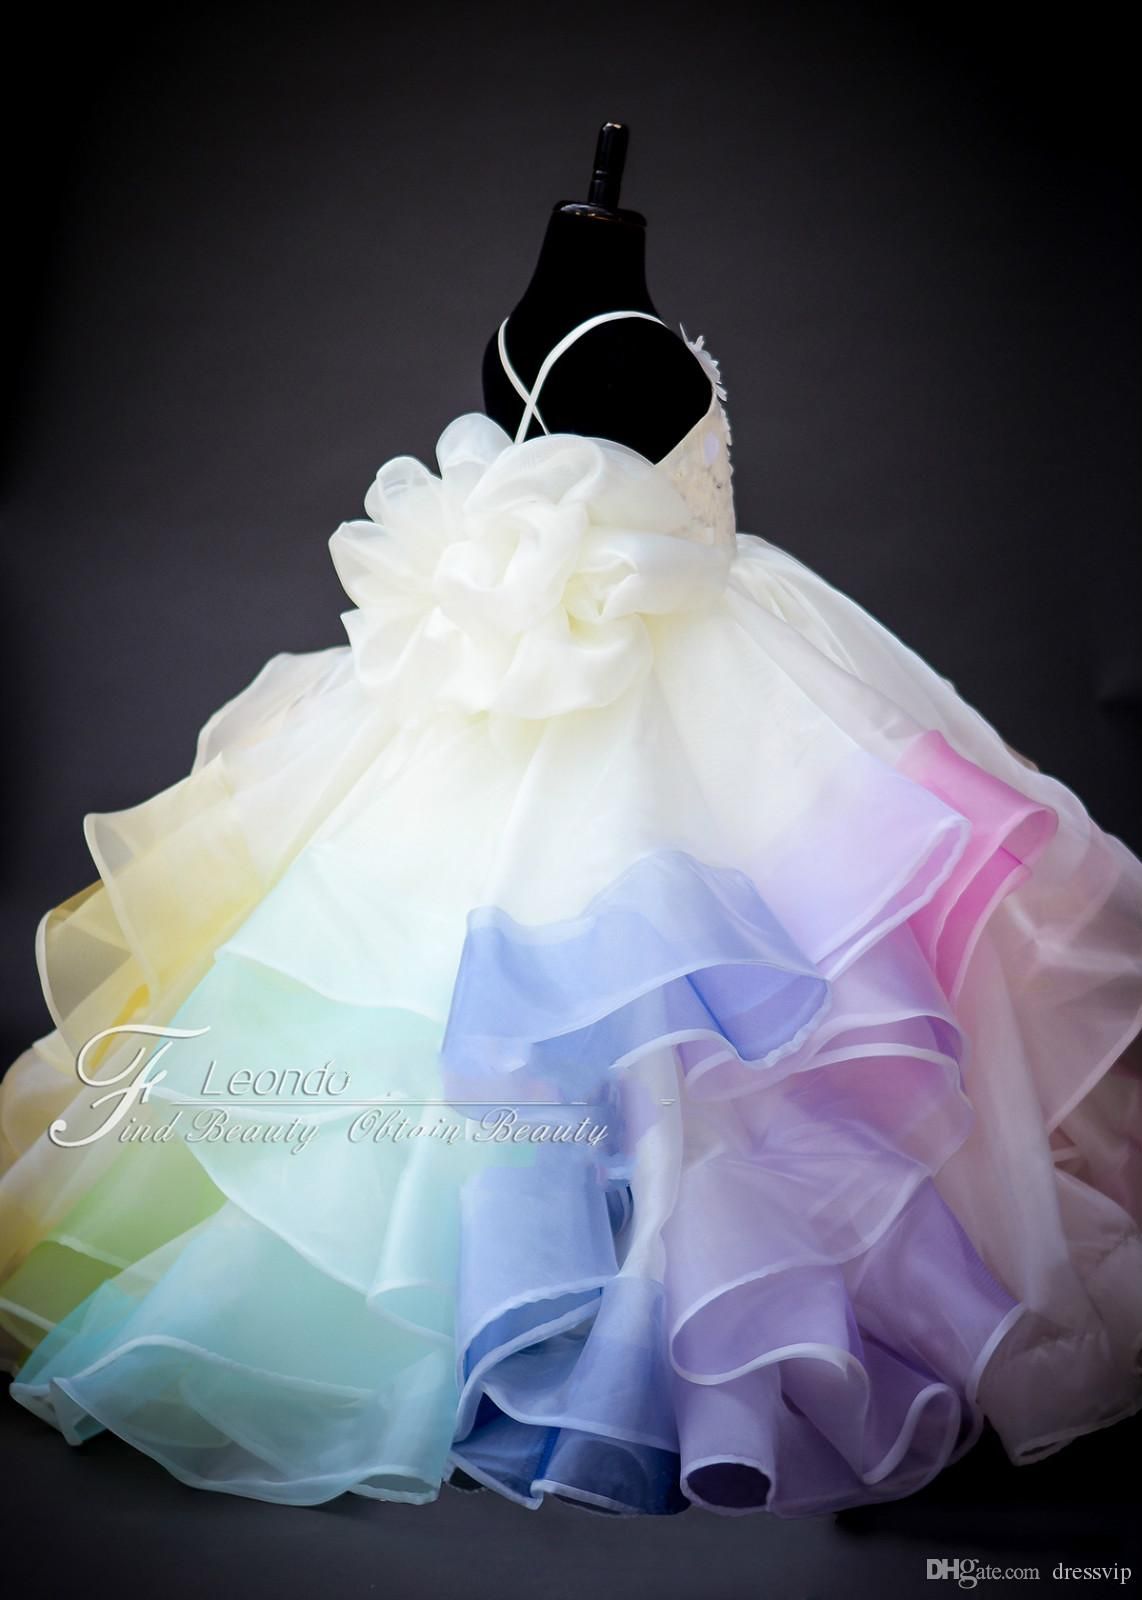 2020 desgaste lindo de la flor del arco iris niña vestidos de encaje floral 3D apliques gradas moldeada vestido de primera comunión espagueti Prom Vestidos de noche del partido